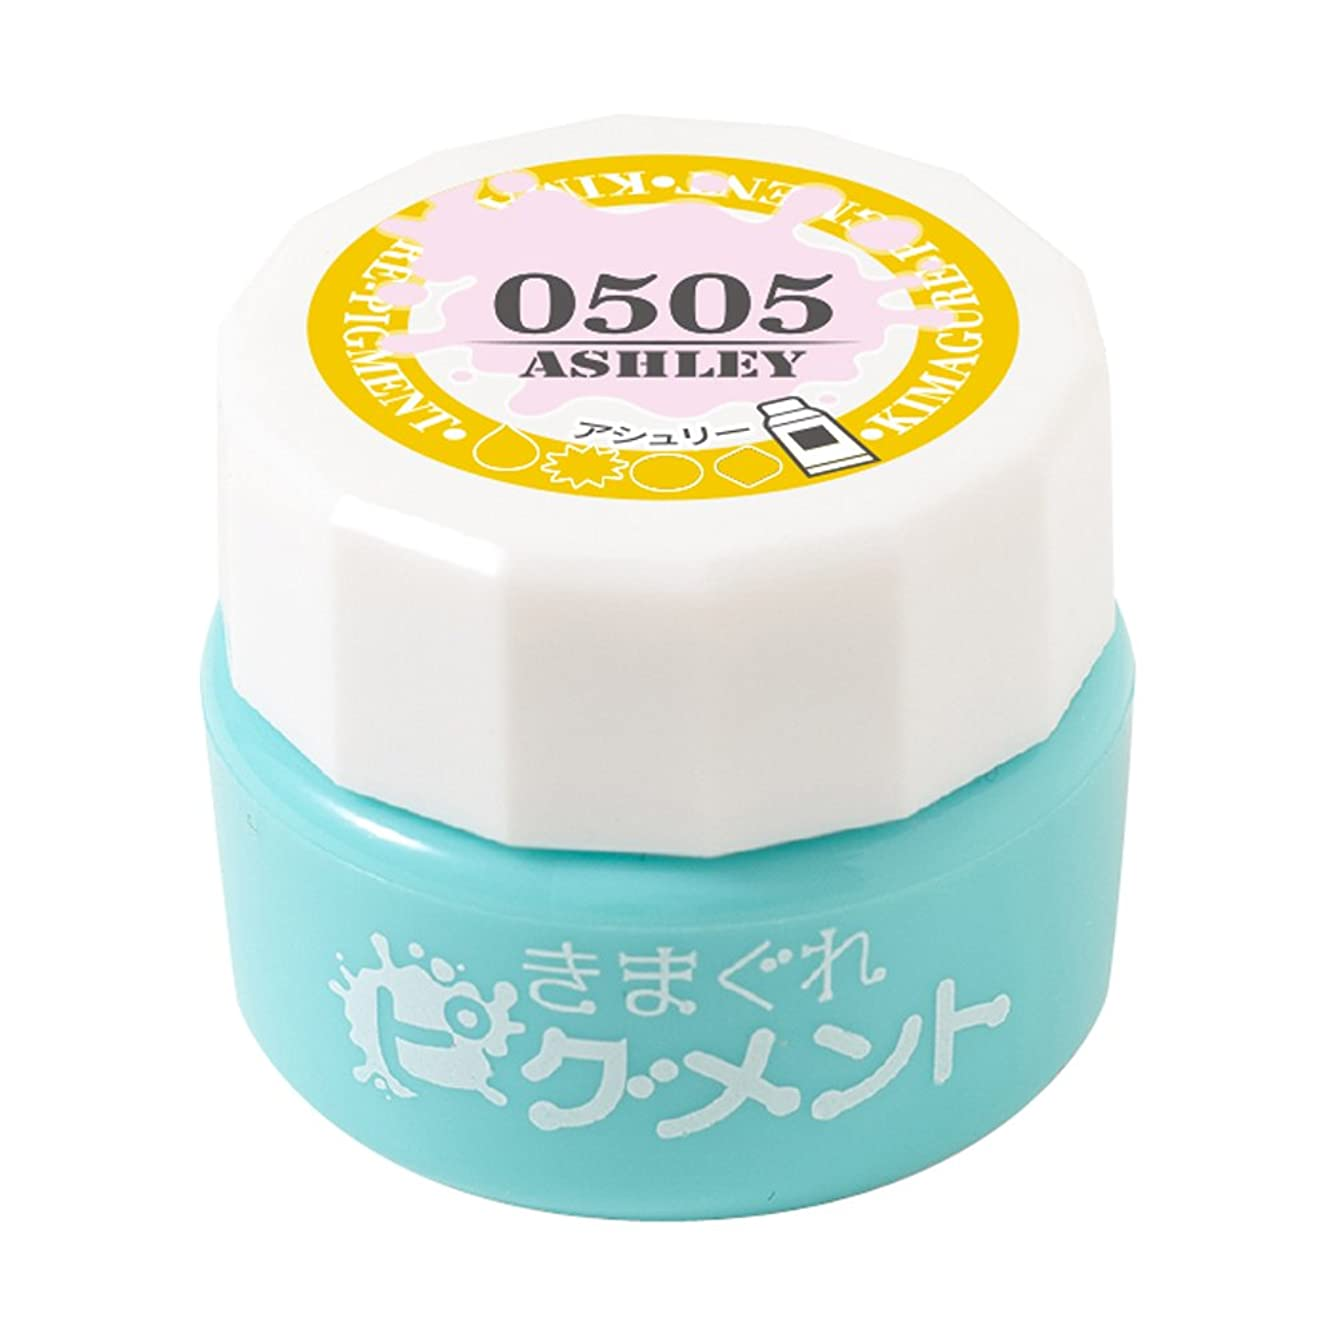 繊毛麻痺させるウィザードBettygel きまぐれピグメント アシュリー QYJ-0505 4g UV/LED対応